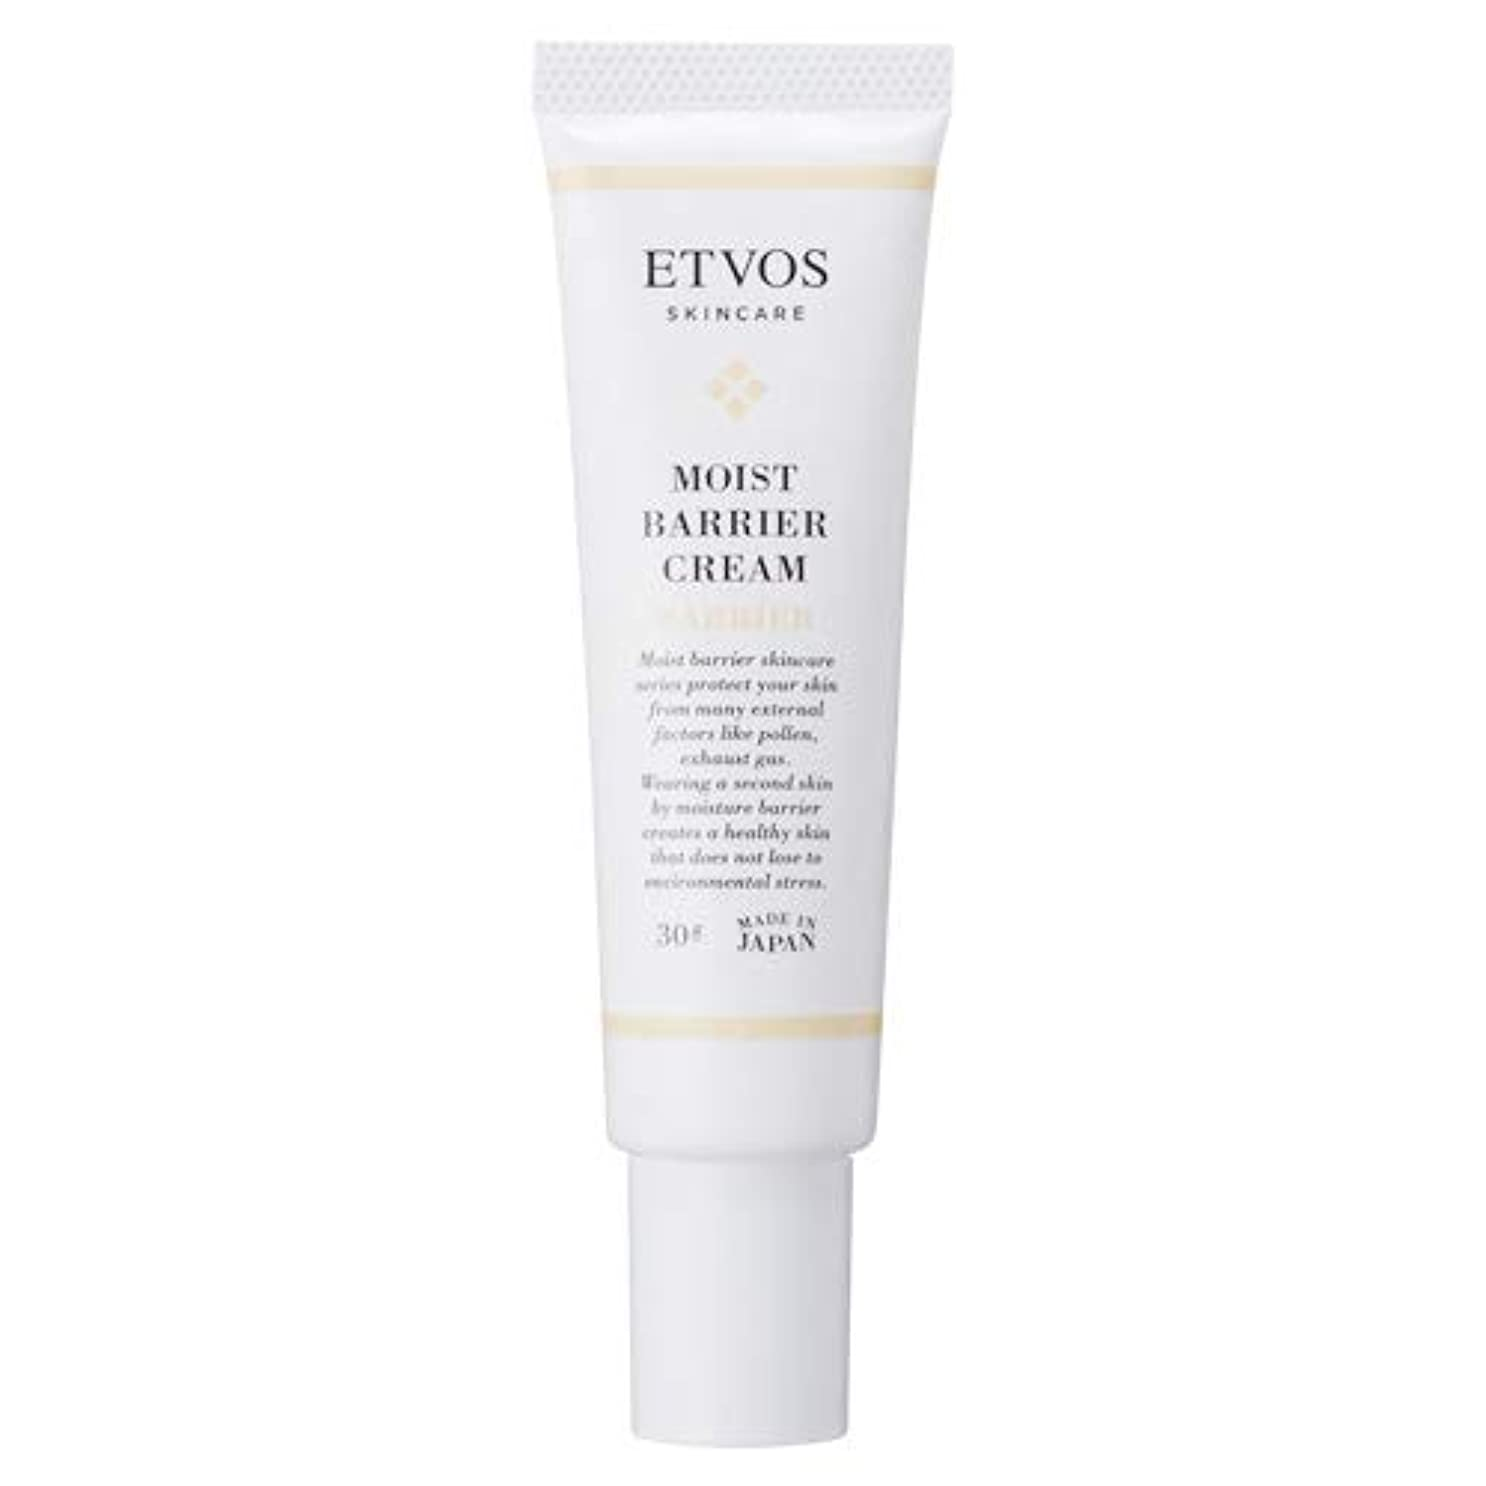 リネンセントボルトETVOS(エトヴォス) 皮膚保護クリーム モイストバリアクリーム 30g 肌荒れ/敏感肌 花粉/PM2.5/ハウスダスト